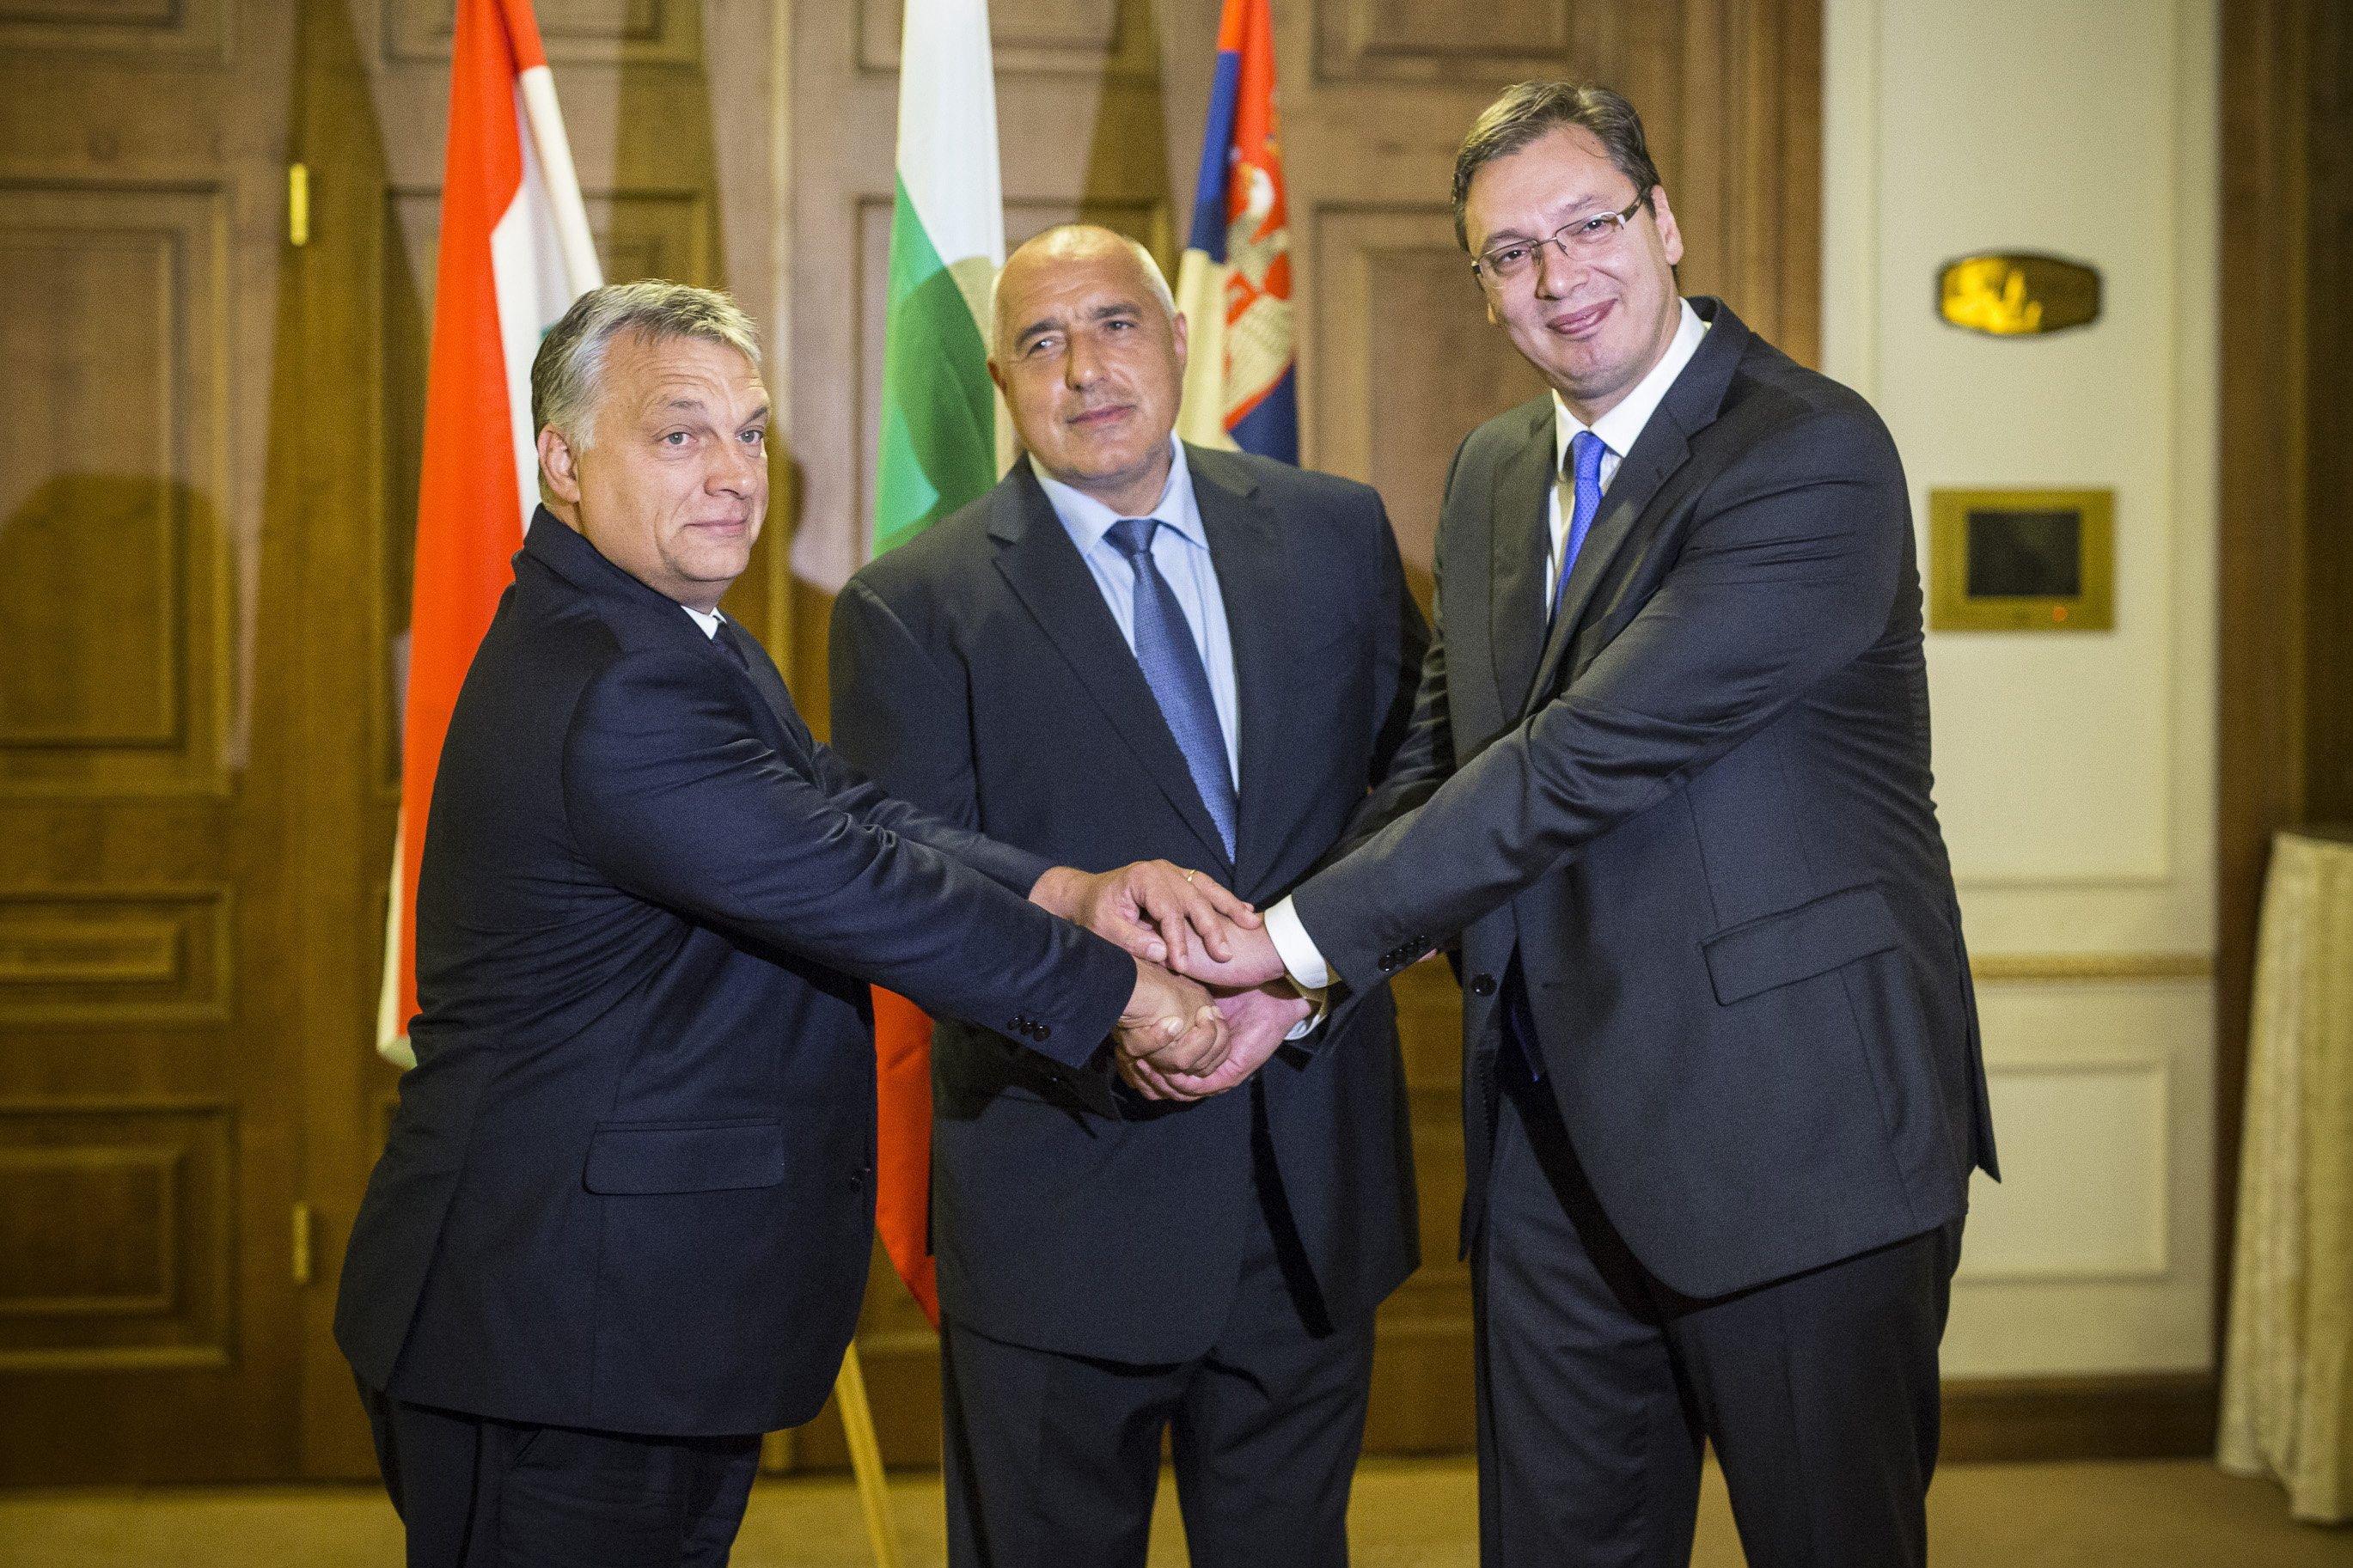 Orbán Burgaszban van, ahol meg fogja tekinteni a migránsáradatot